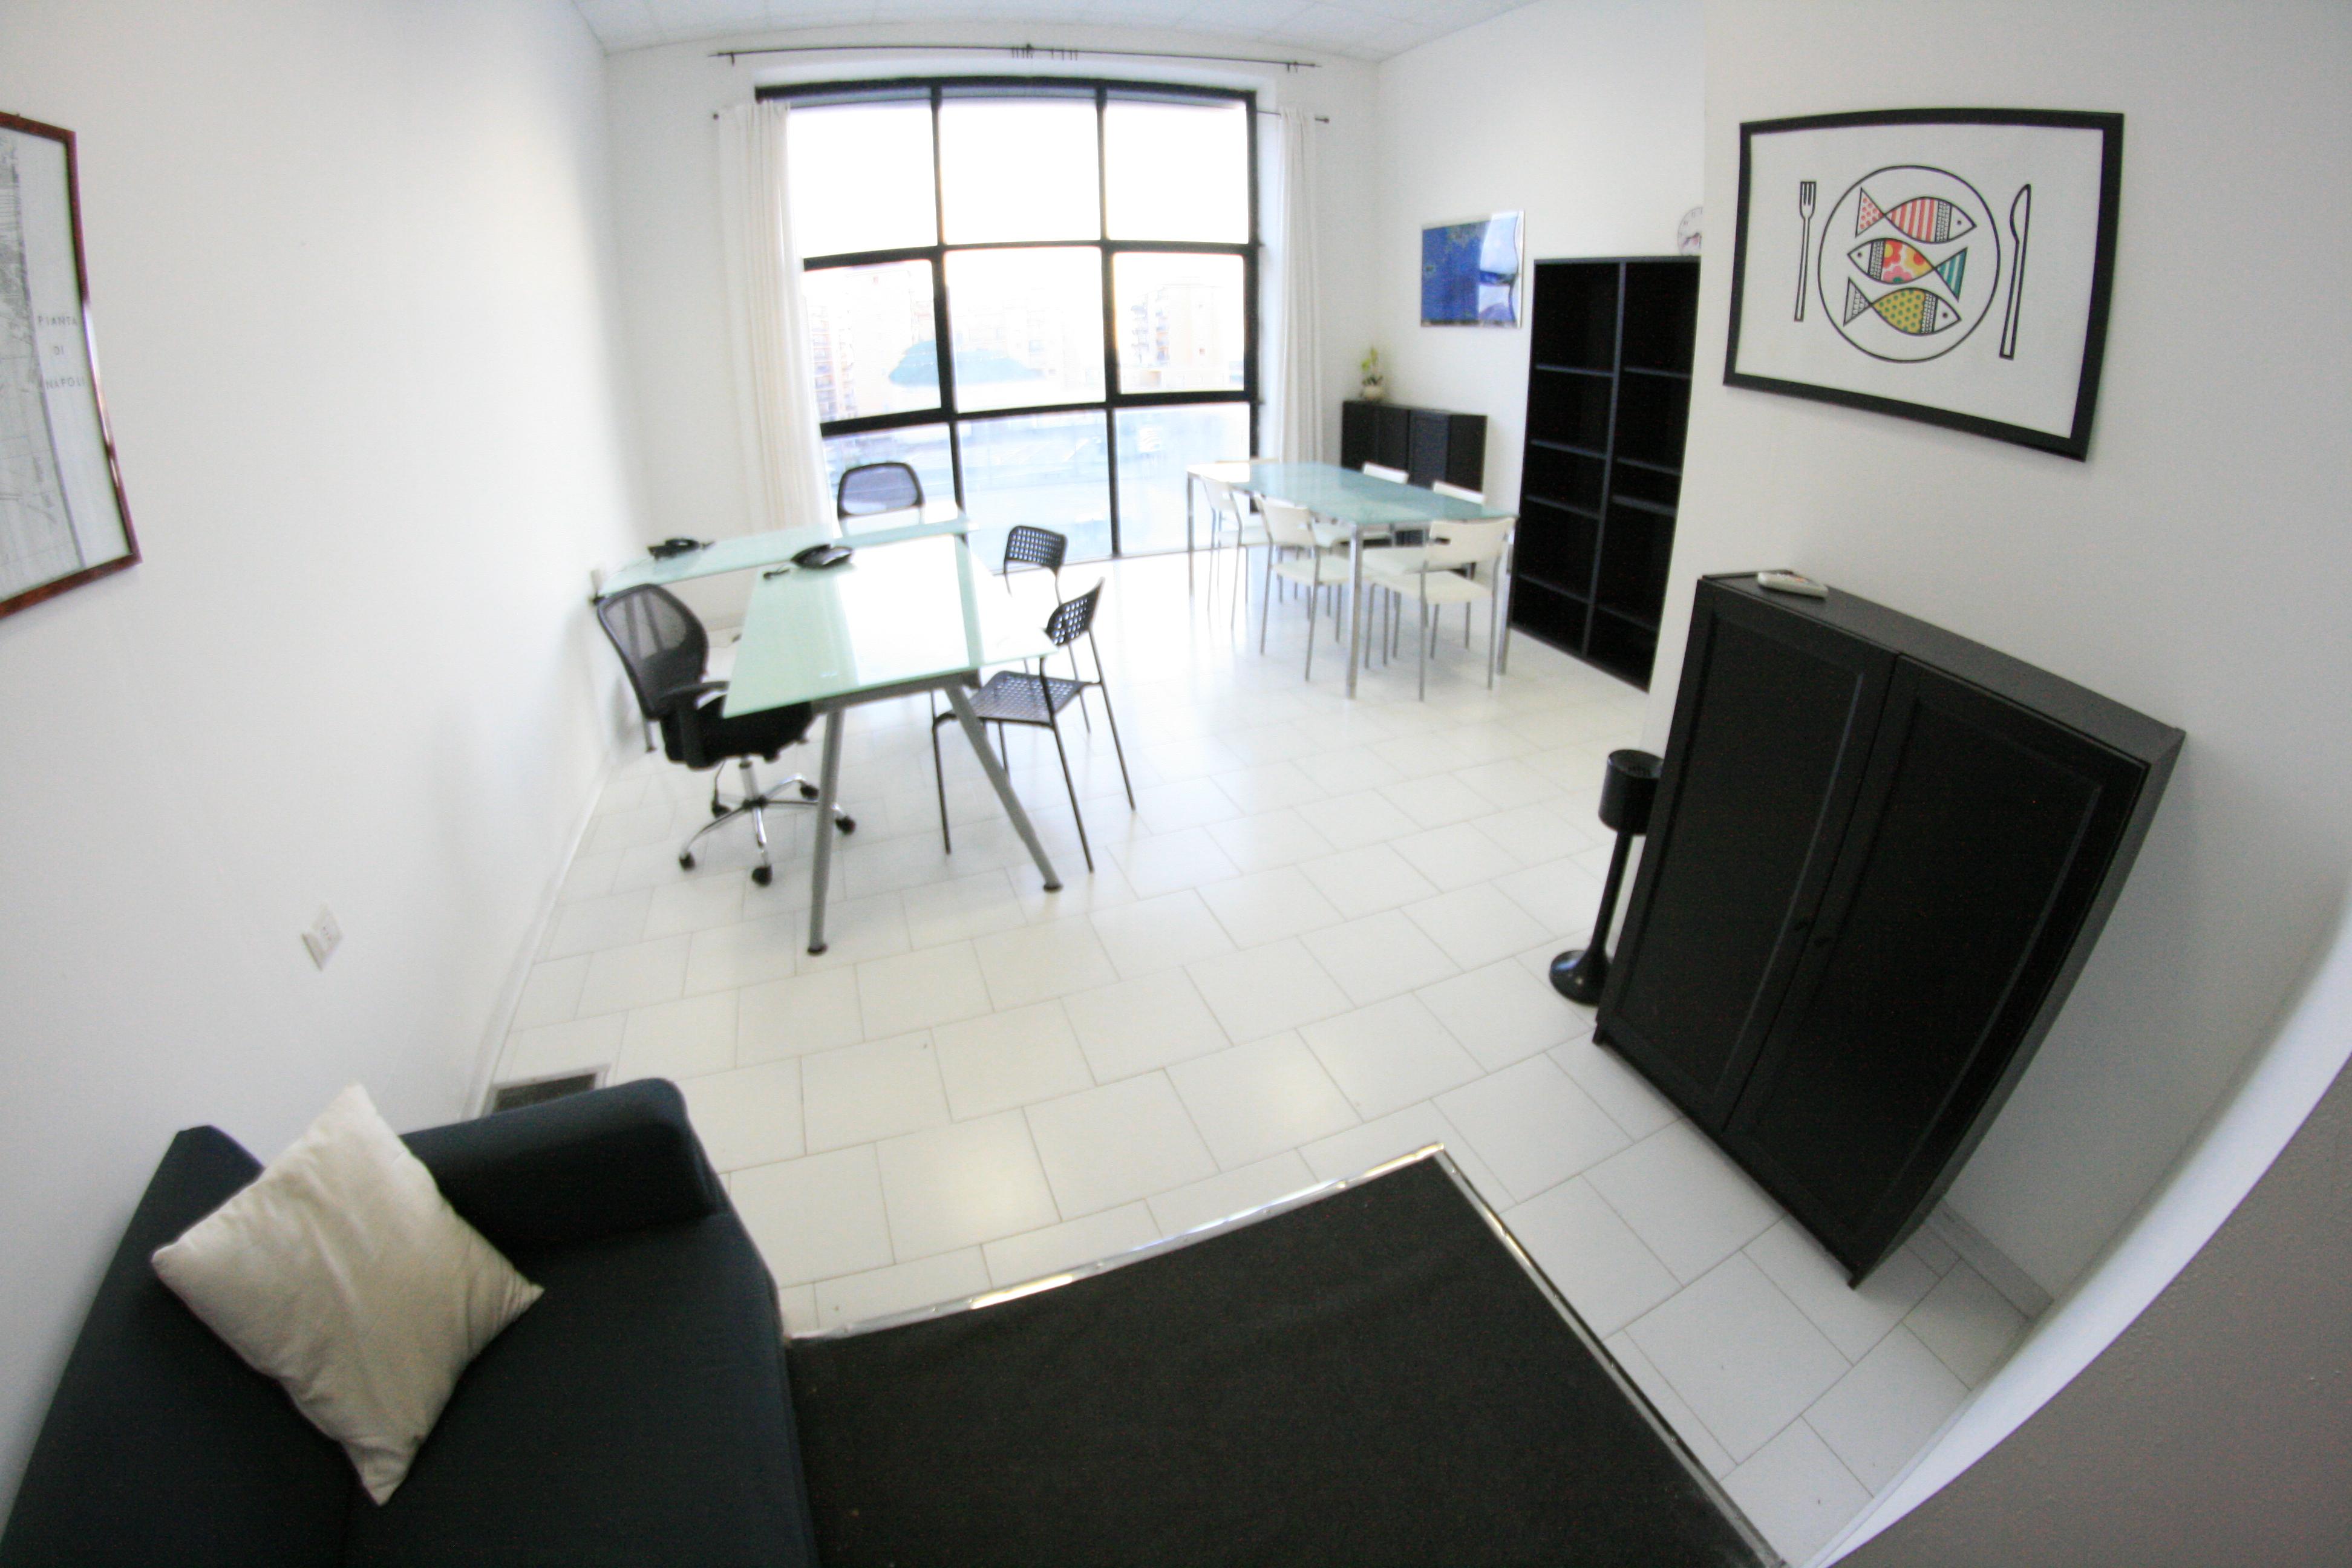 Studio location per riunioni e incontri di lavoro